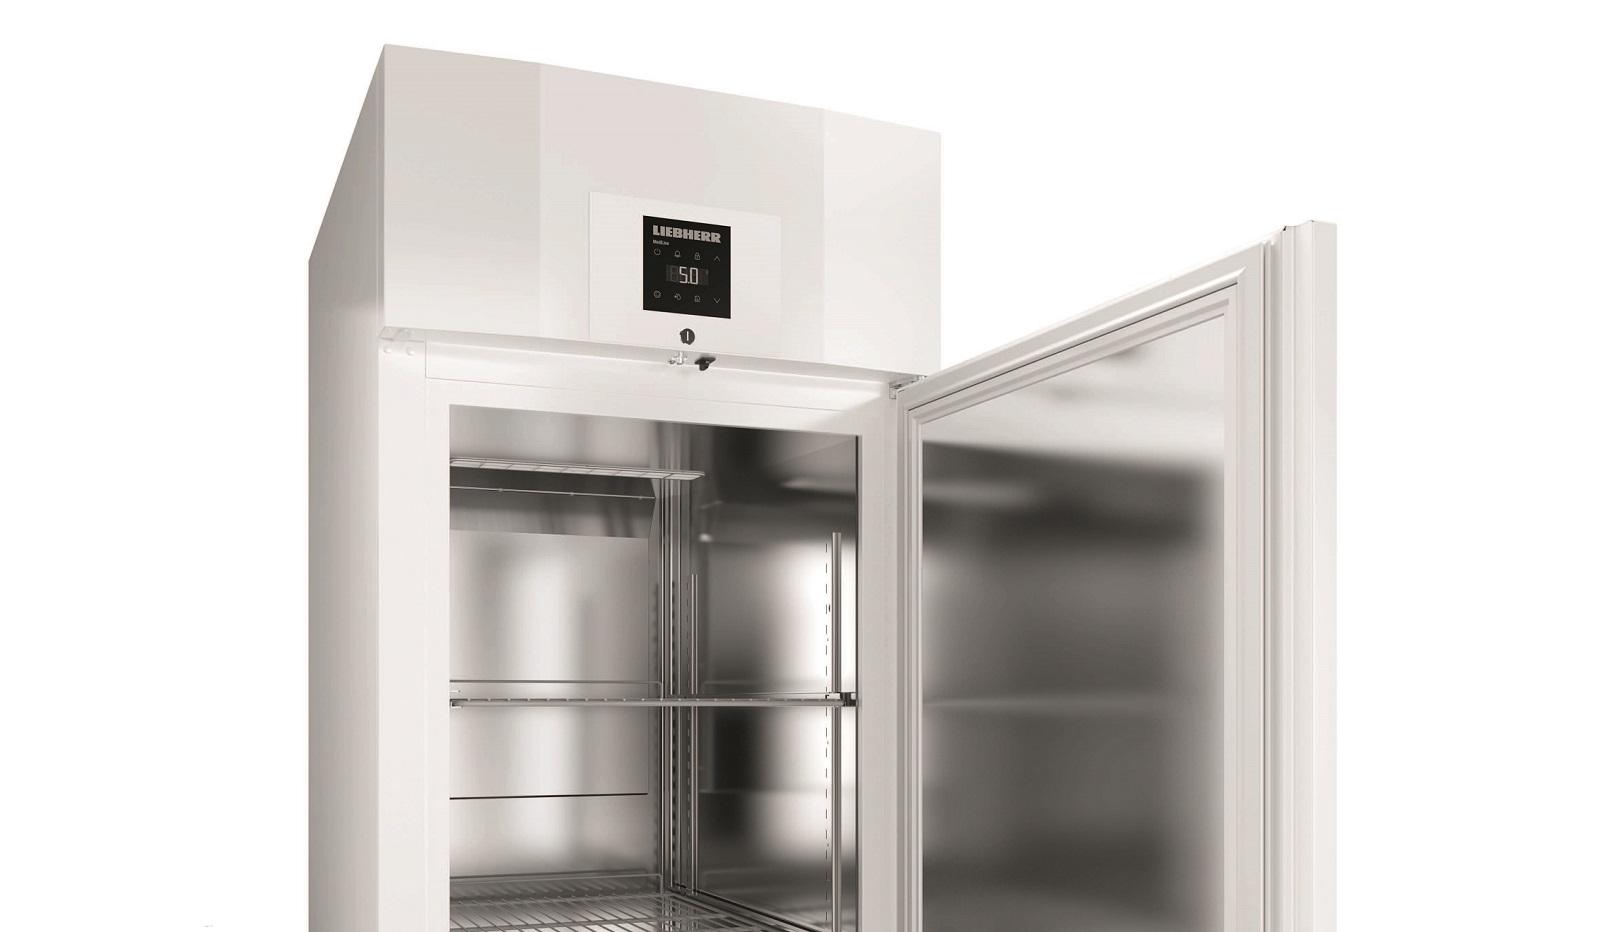 купить Лабораторный холодильный шкаф  Liebherr LKPv 6520 Украина фото 4